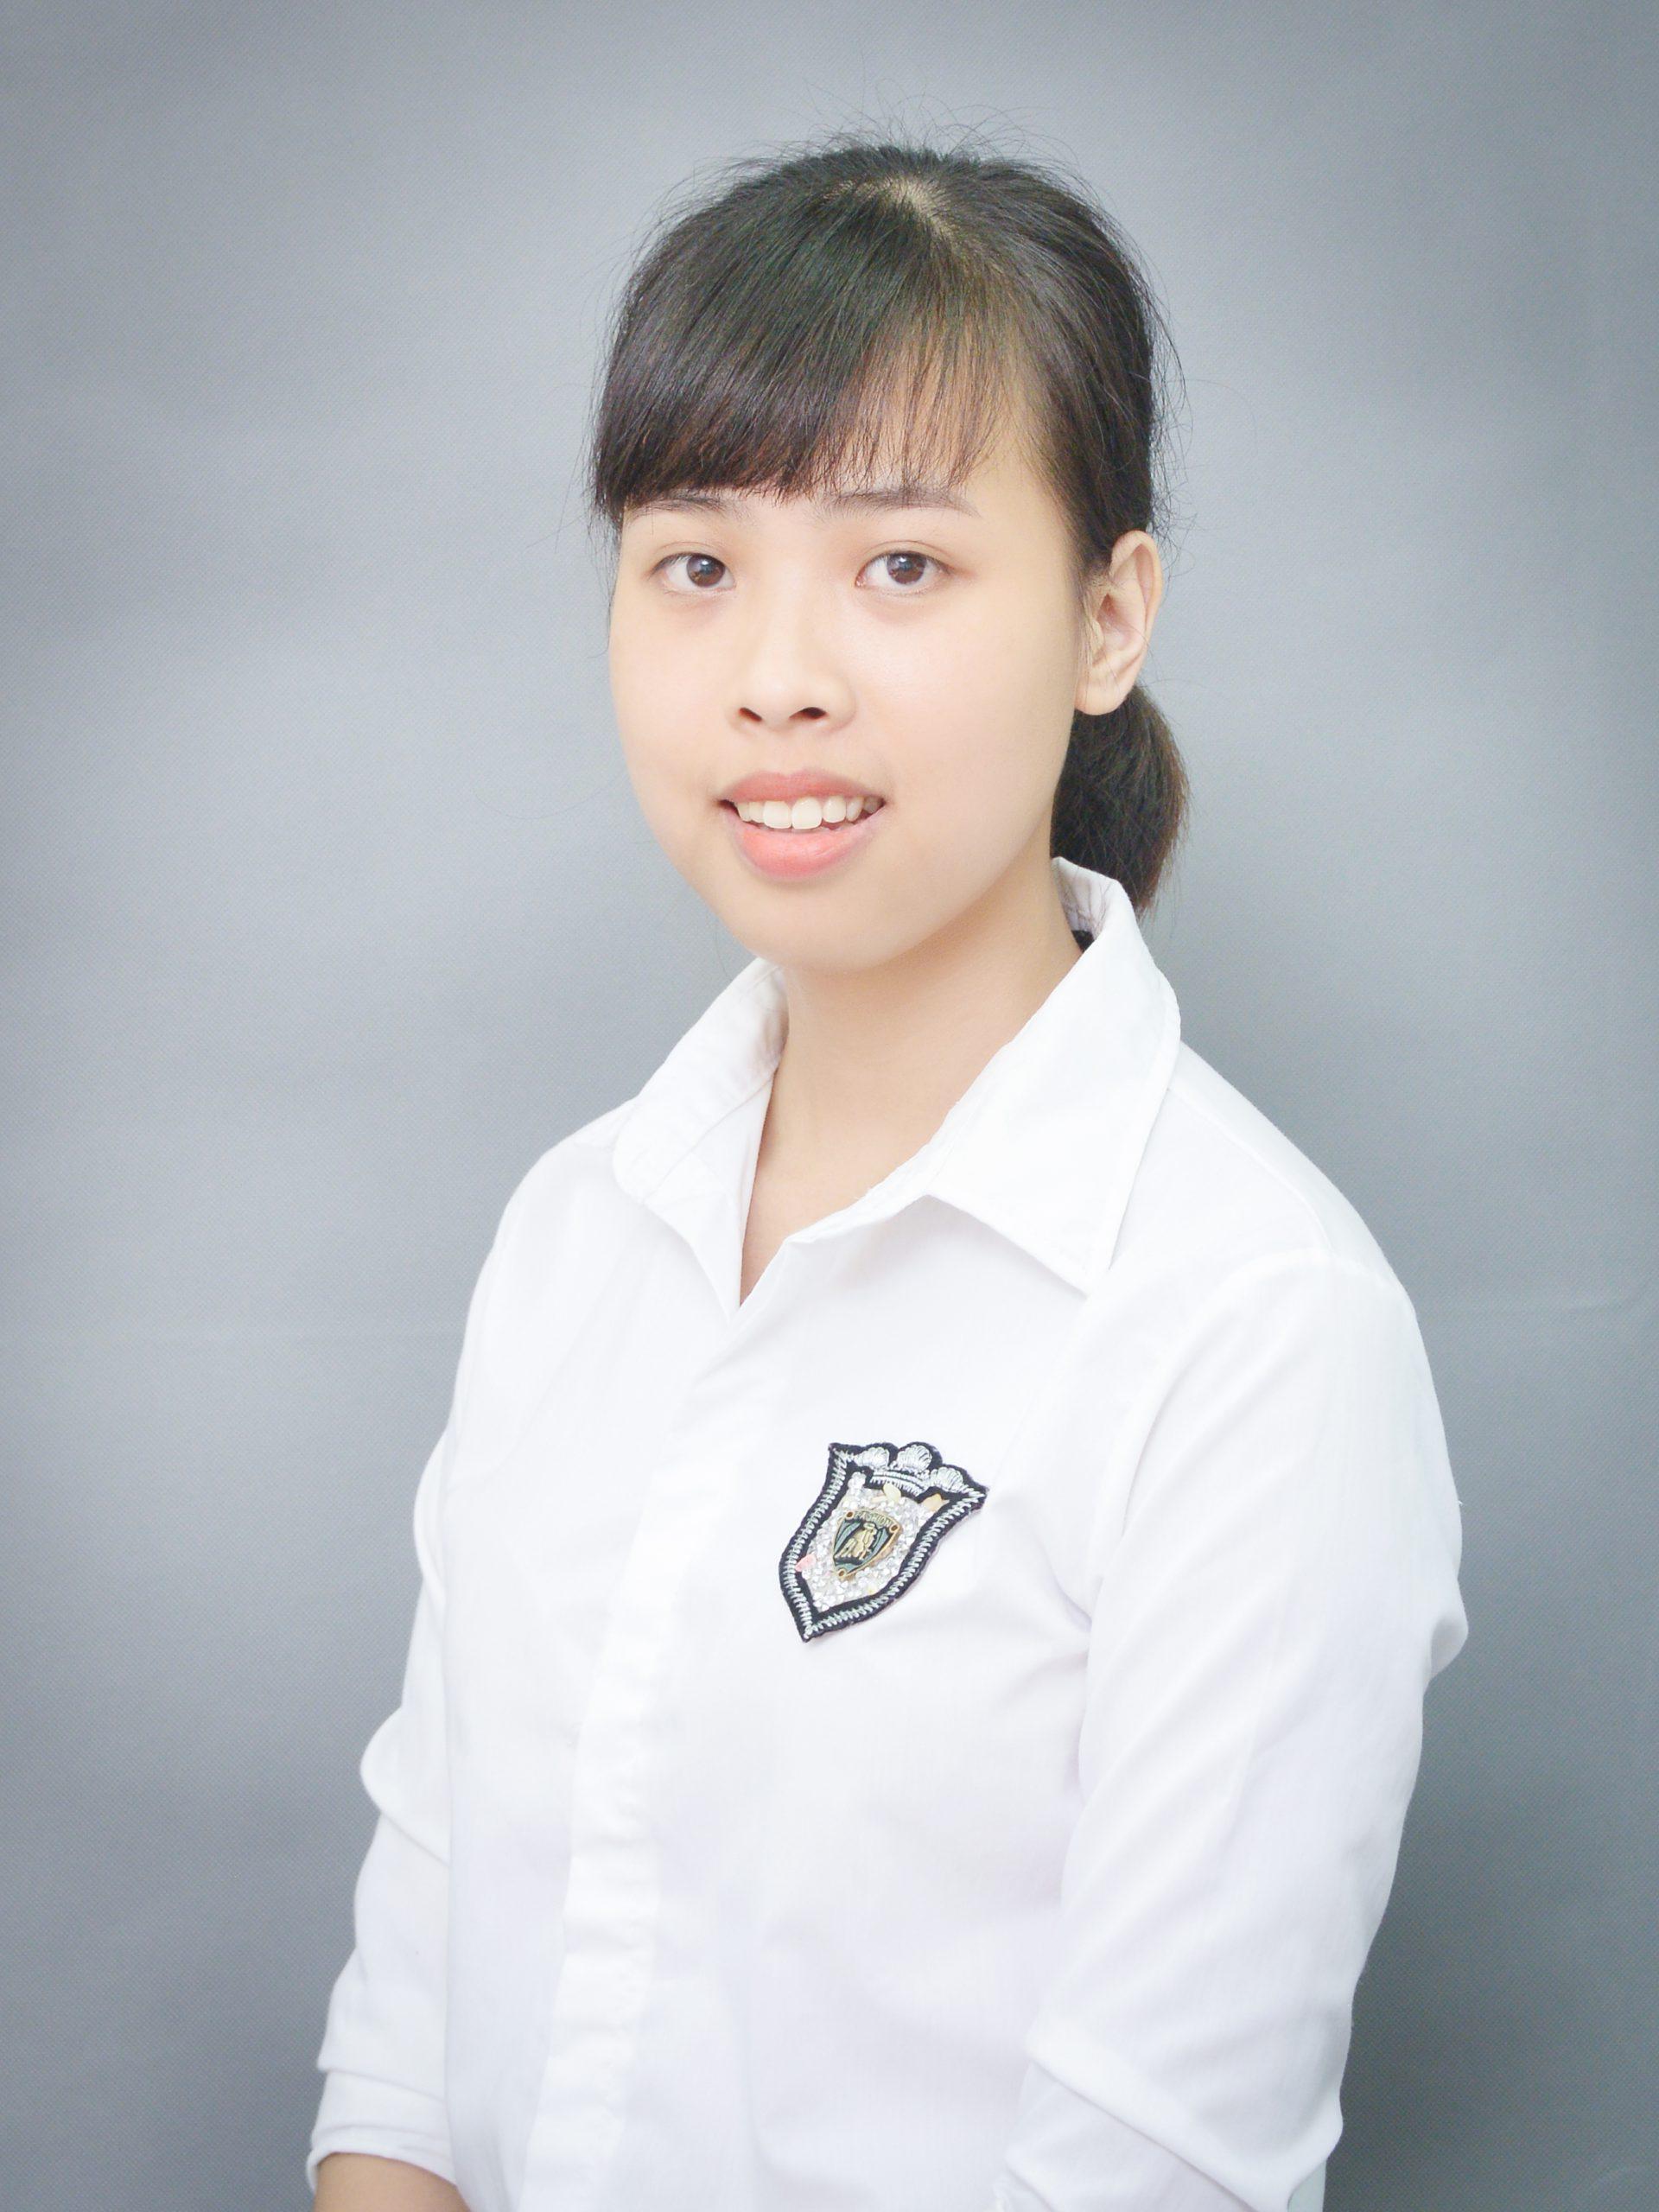 Ms Thu Lam Thi Nguyen